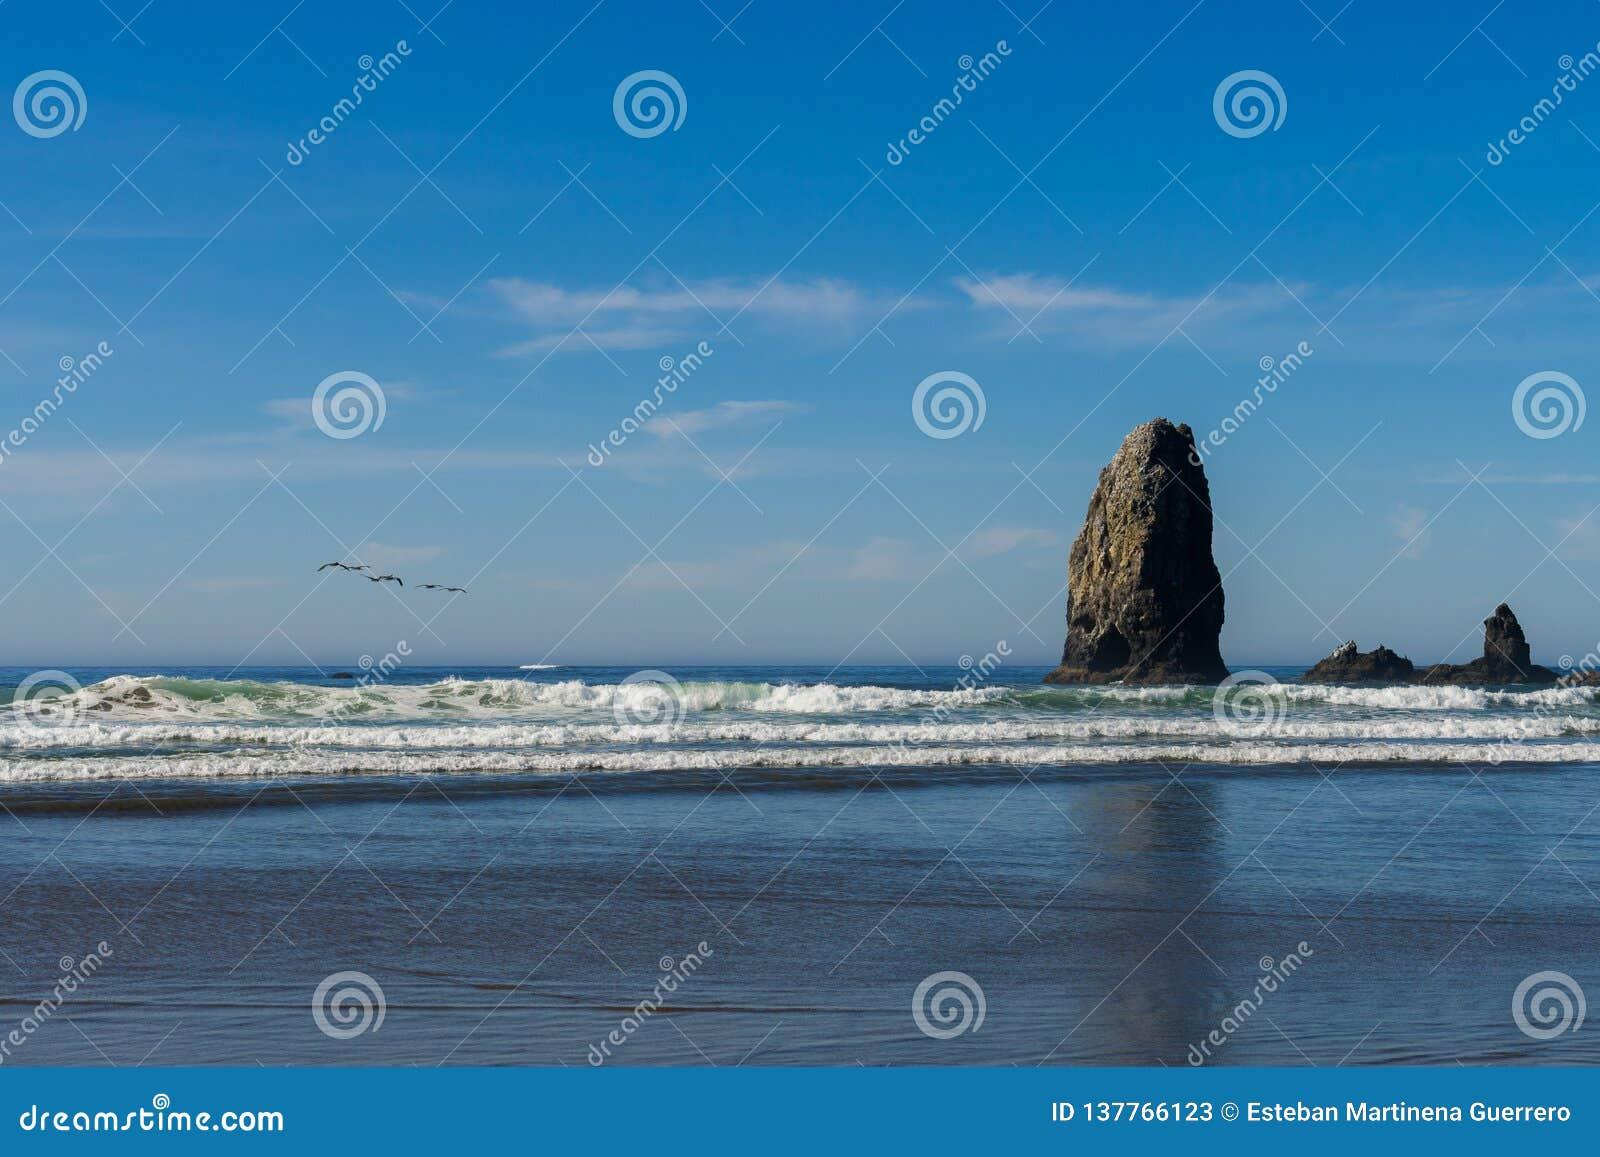 Seagulls nad oceanem Oregon w kierunku pionowo skał które stoją za działo plaży w, usa